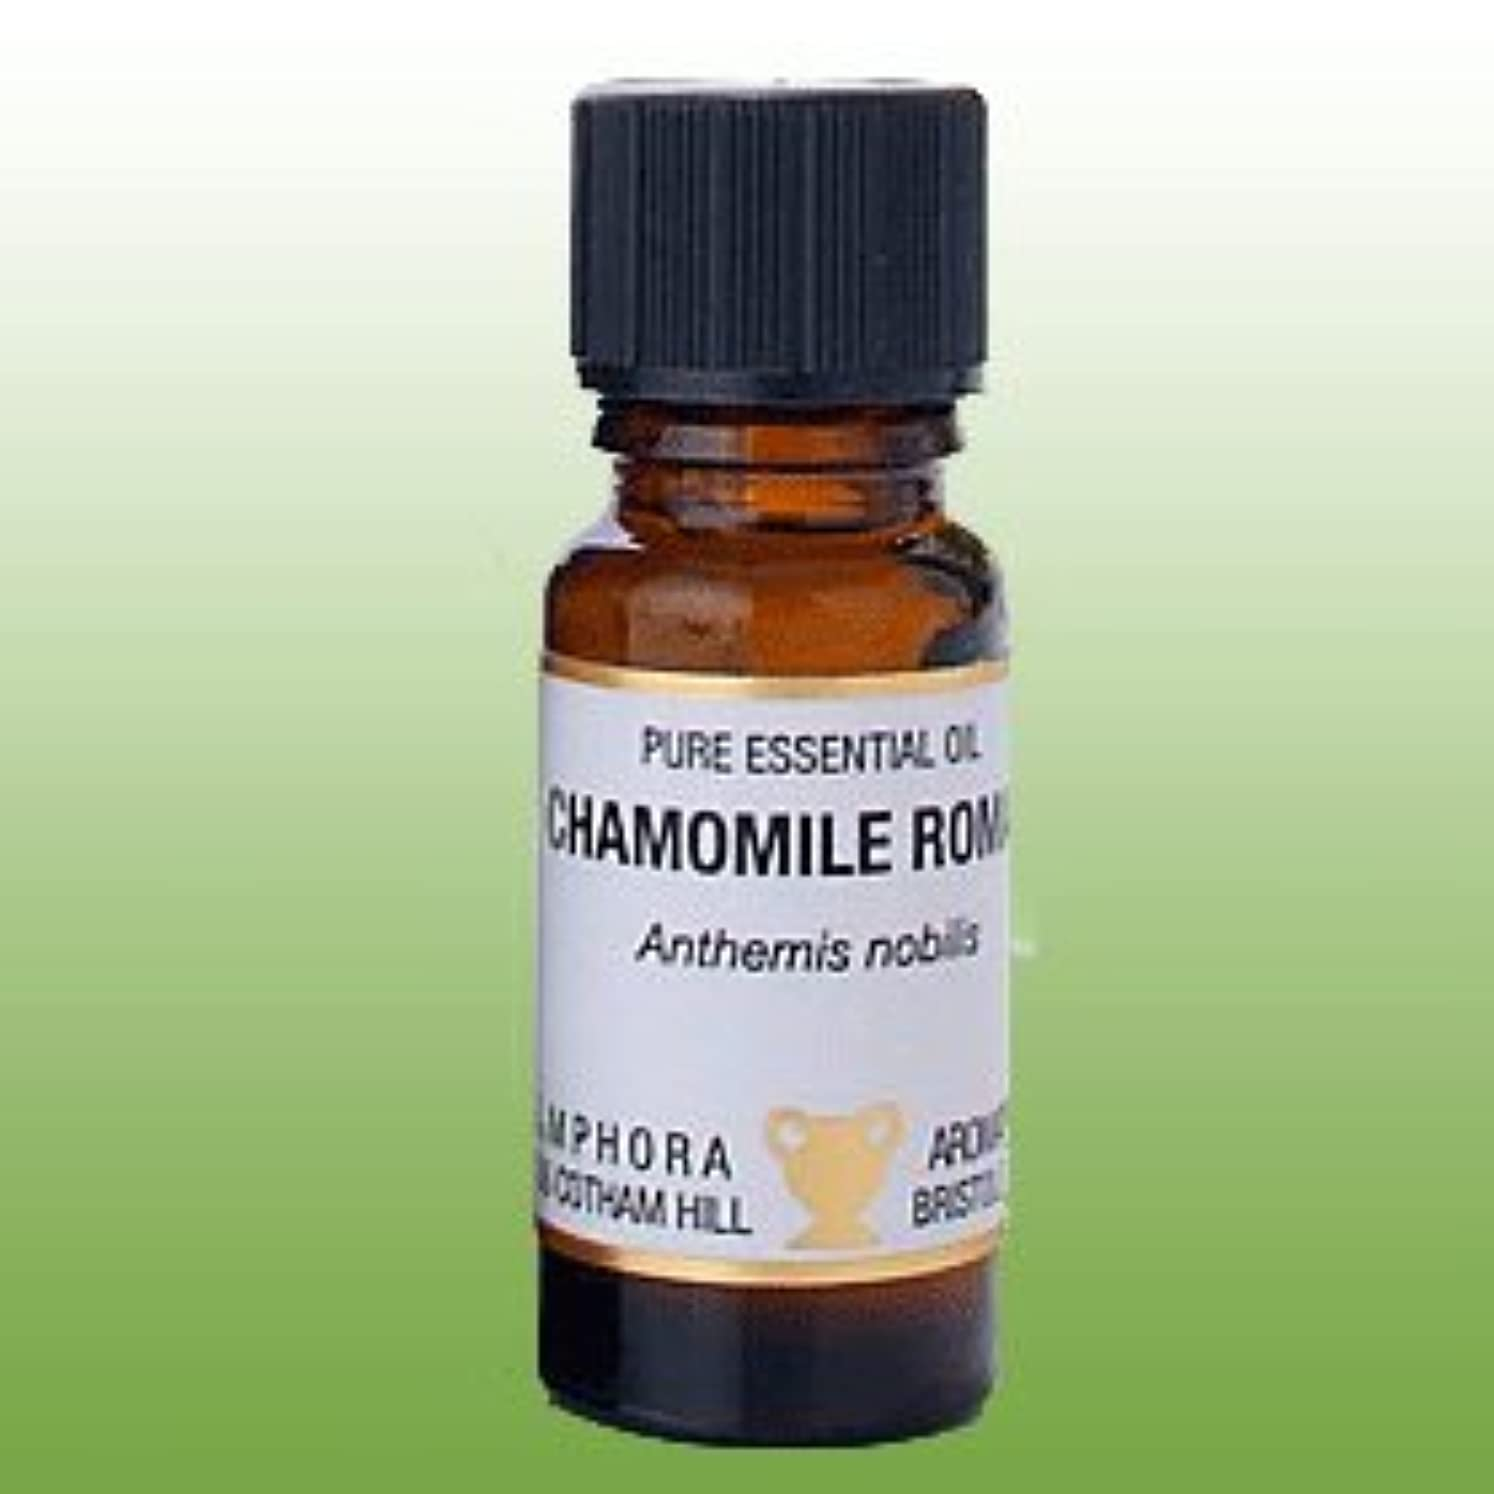 送る添加剤うねるカモミール ローマン 10ml エッセンシャルオイル